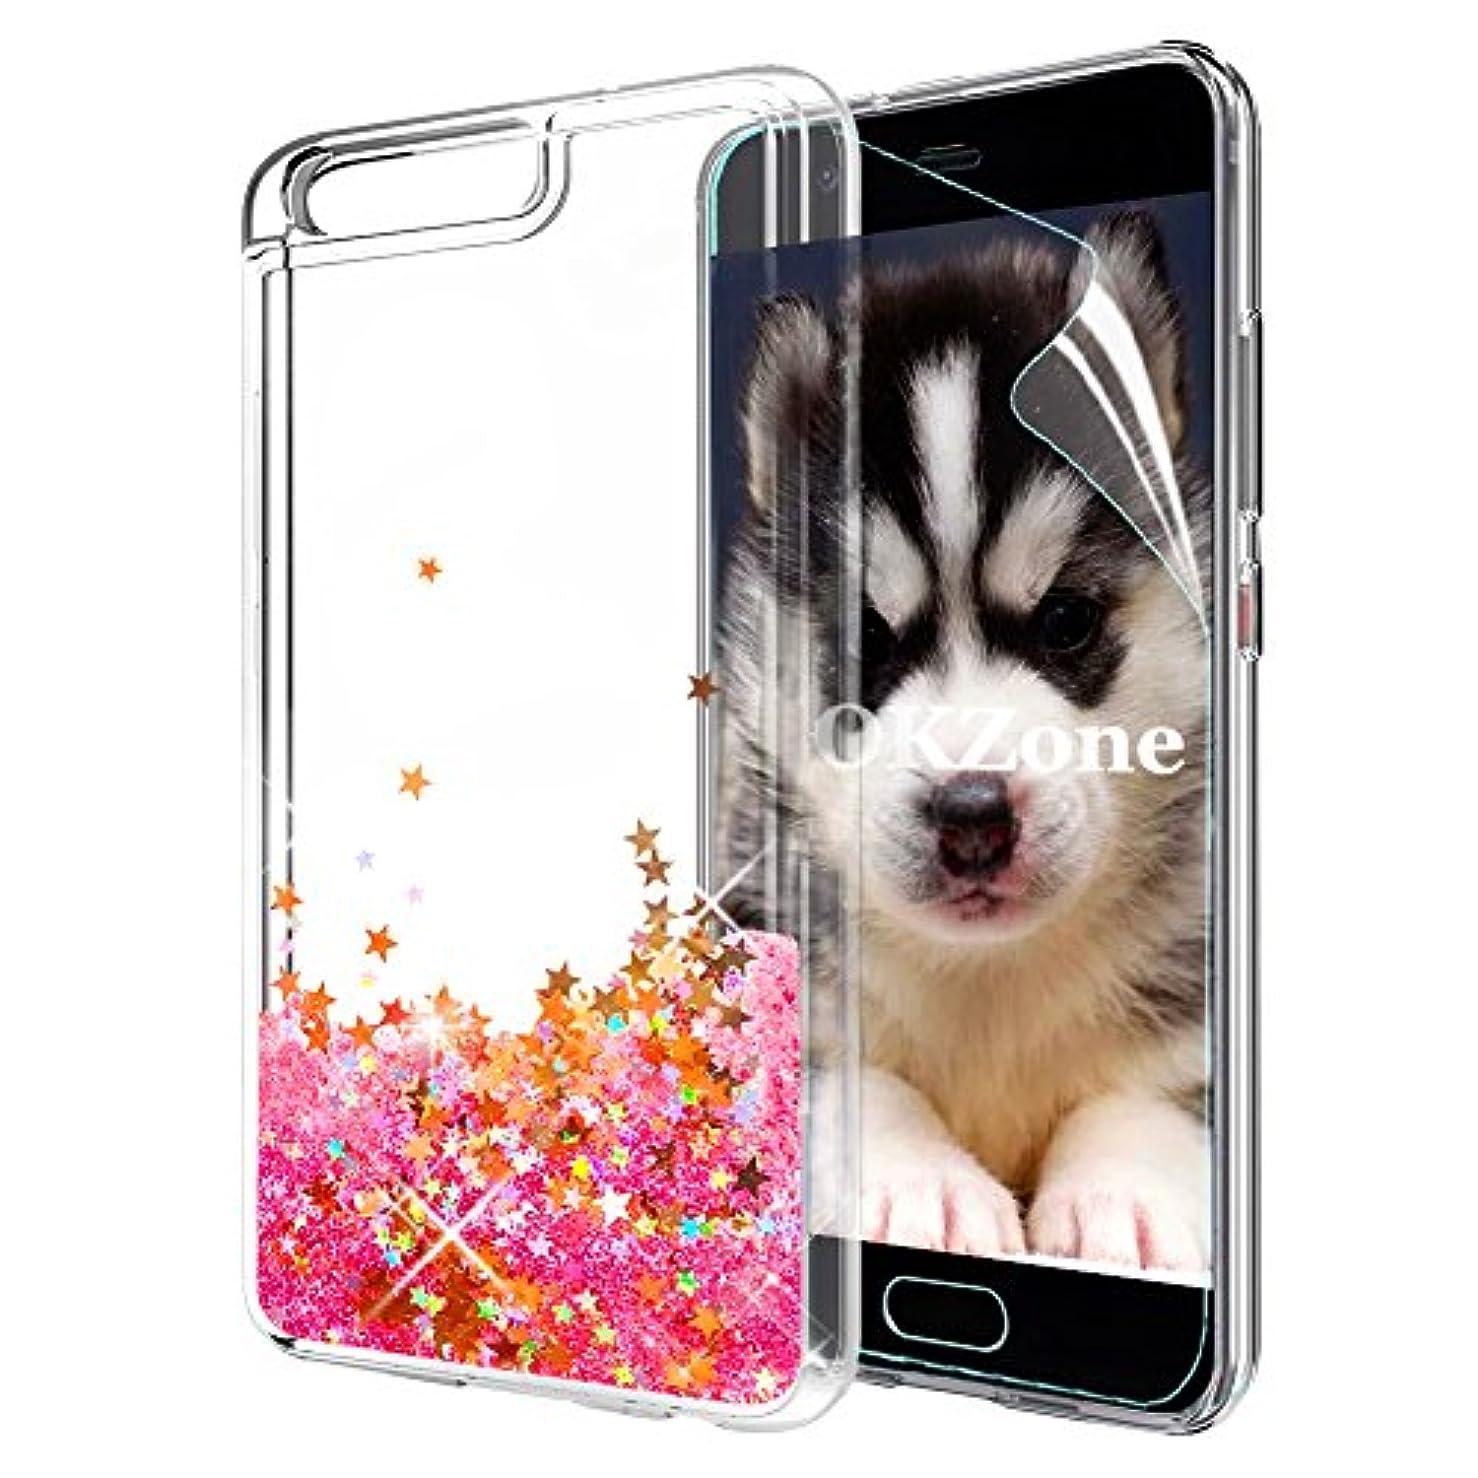 正当化する周波数改善するOKZone Huawei P10 ケース HDスクリーンフィルム付き キラキラ キレイ ファッション リキッド流砂 3D 輝き かわいい 透明 TPU ゲルシリコーン 耐衝撃ボディ 全面保護 落下防止 ファッション Huawei P10 適用 (レッドスター)